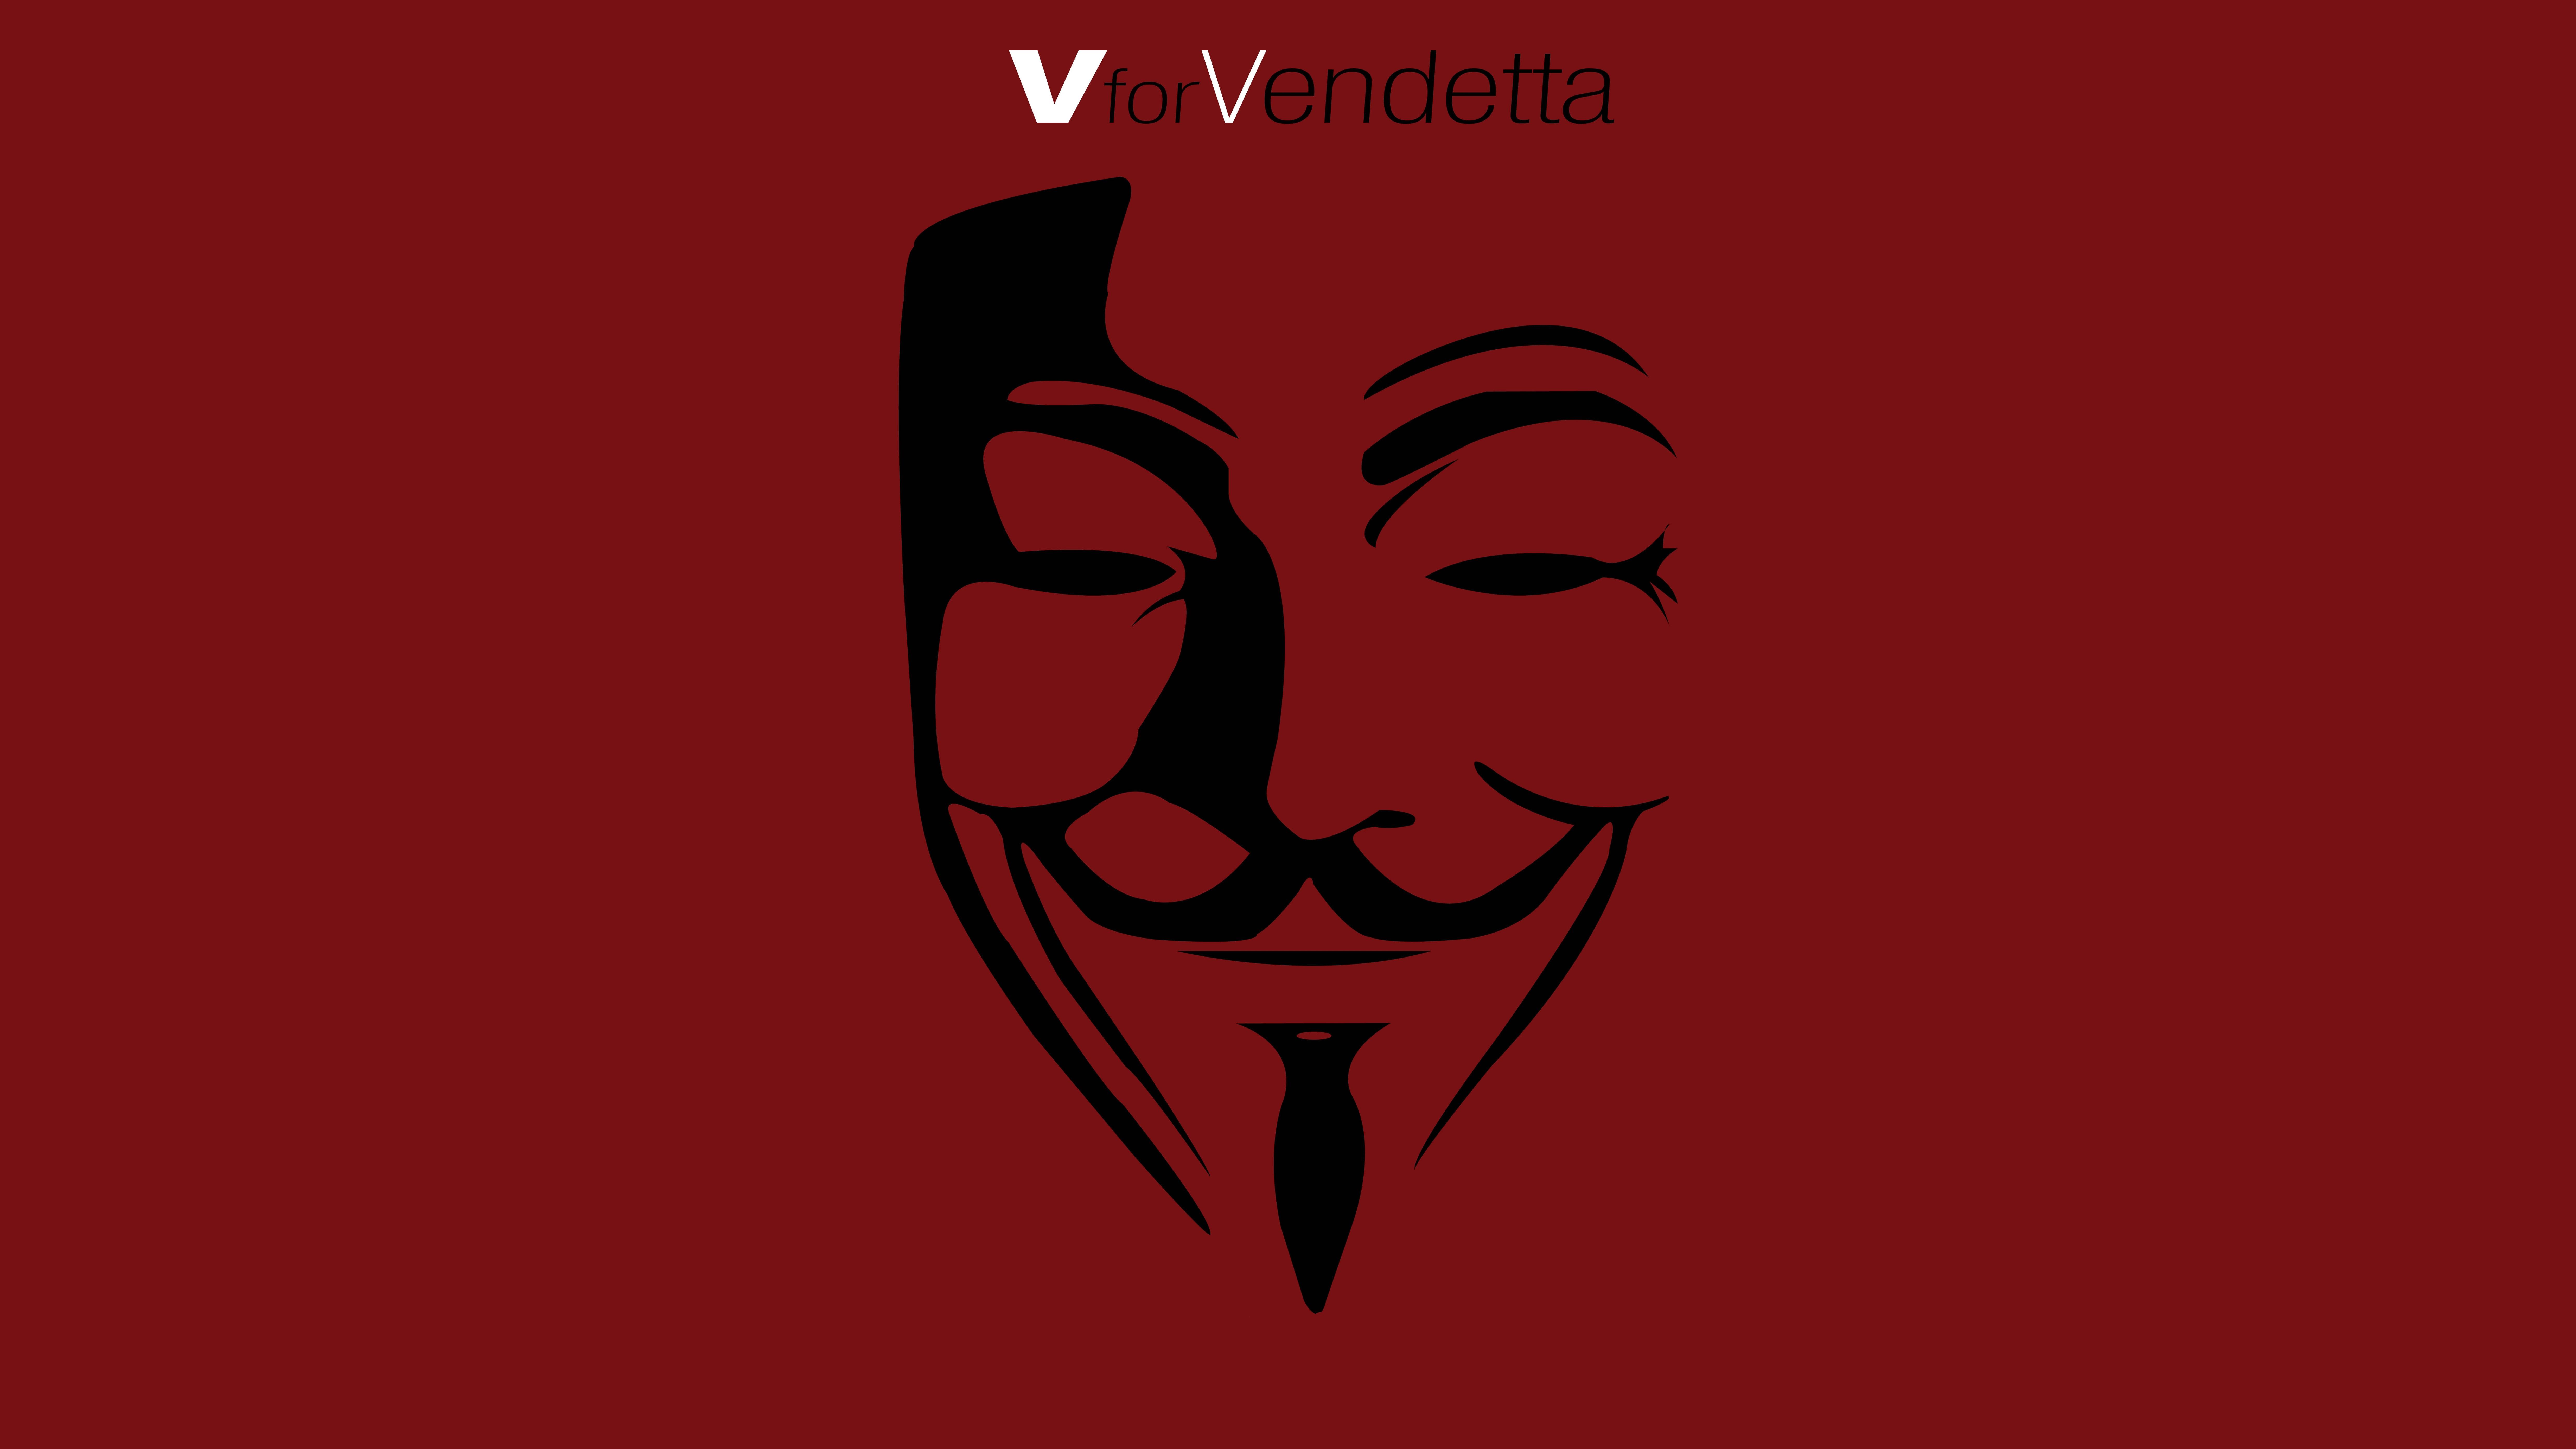 V For Vendetta Backgrounds Pictures Images